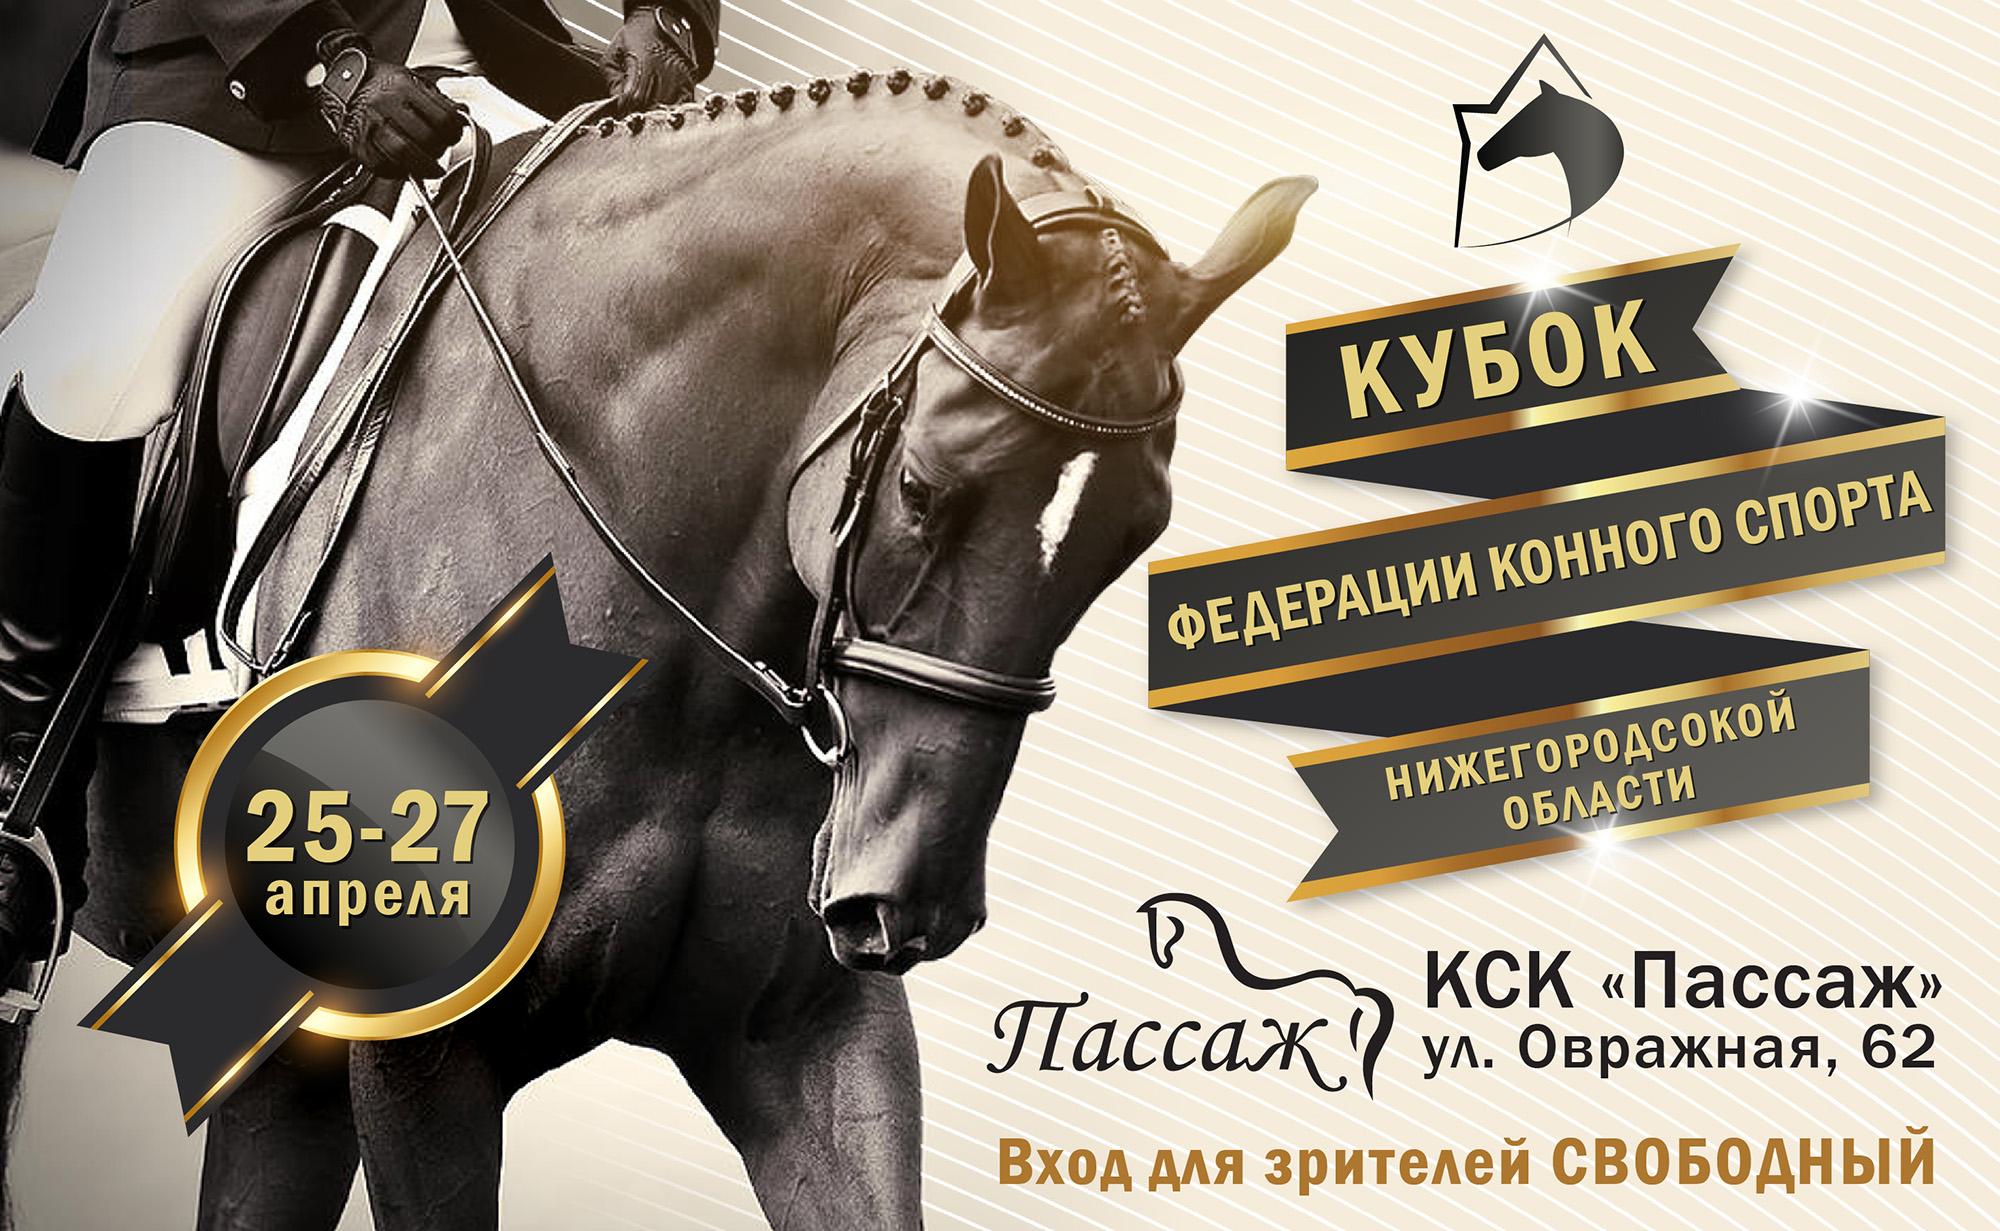 Кубок Федерации конного спорта Нижегородской области по выездке